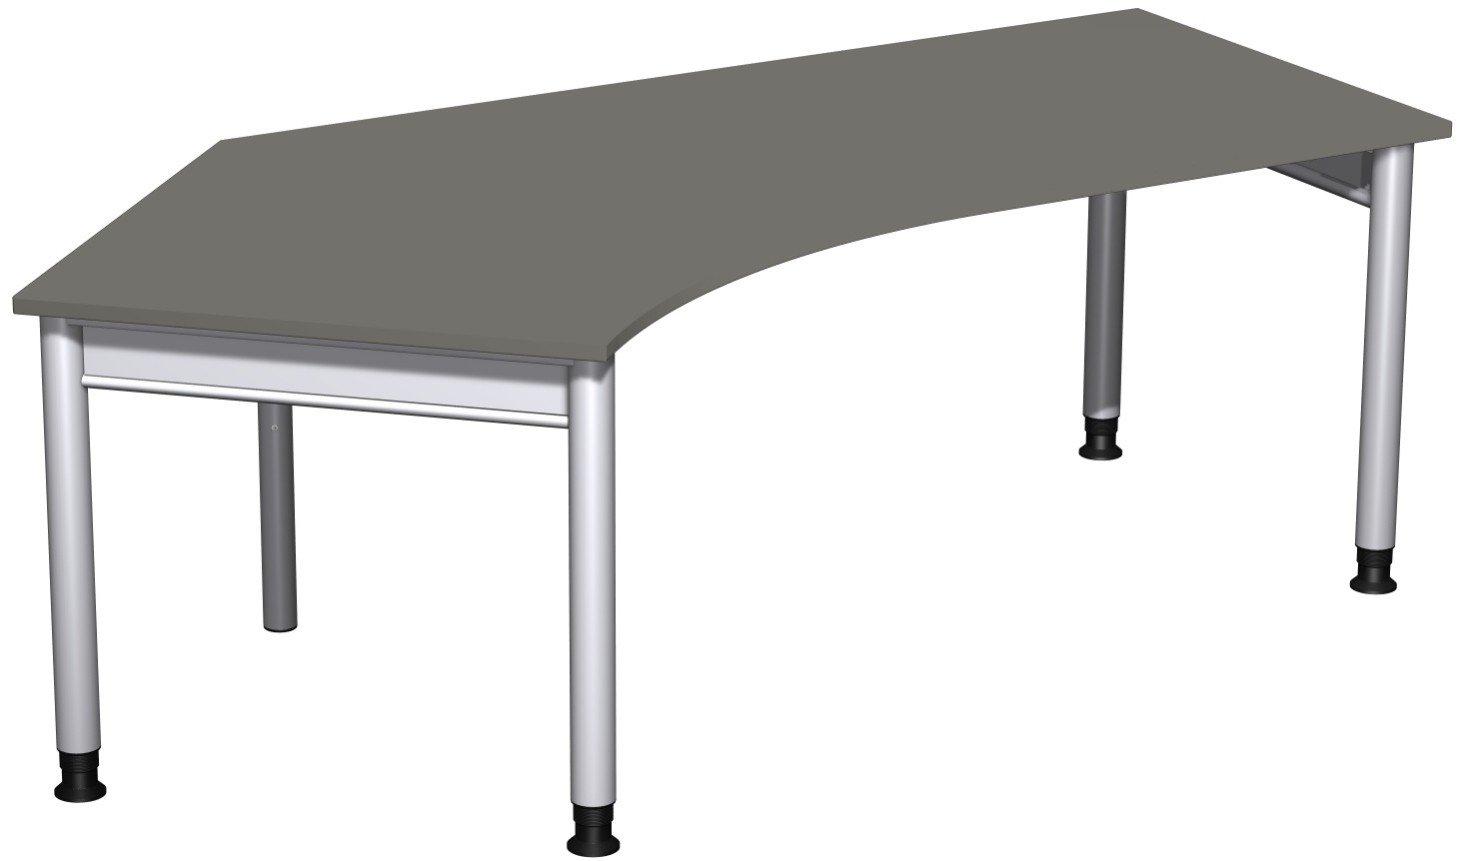 Geramöbel Schreibtisch 135° links höhenverstellbar, 2166x1130x680-820, Graphit/Silber